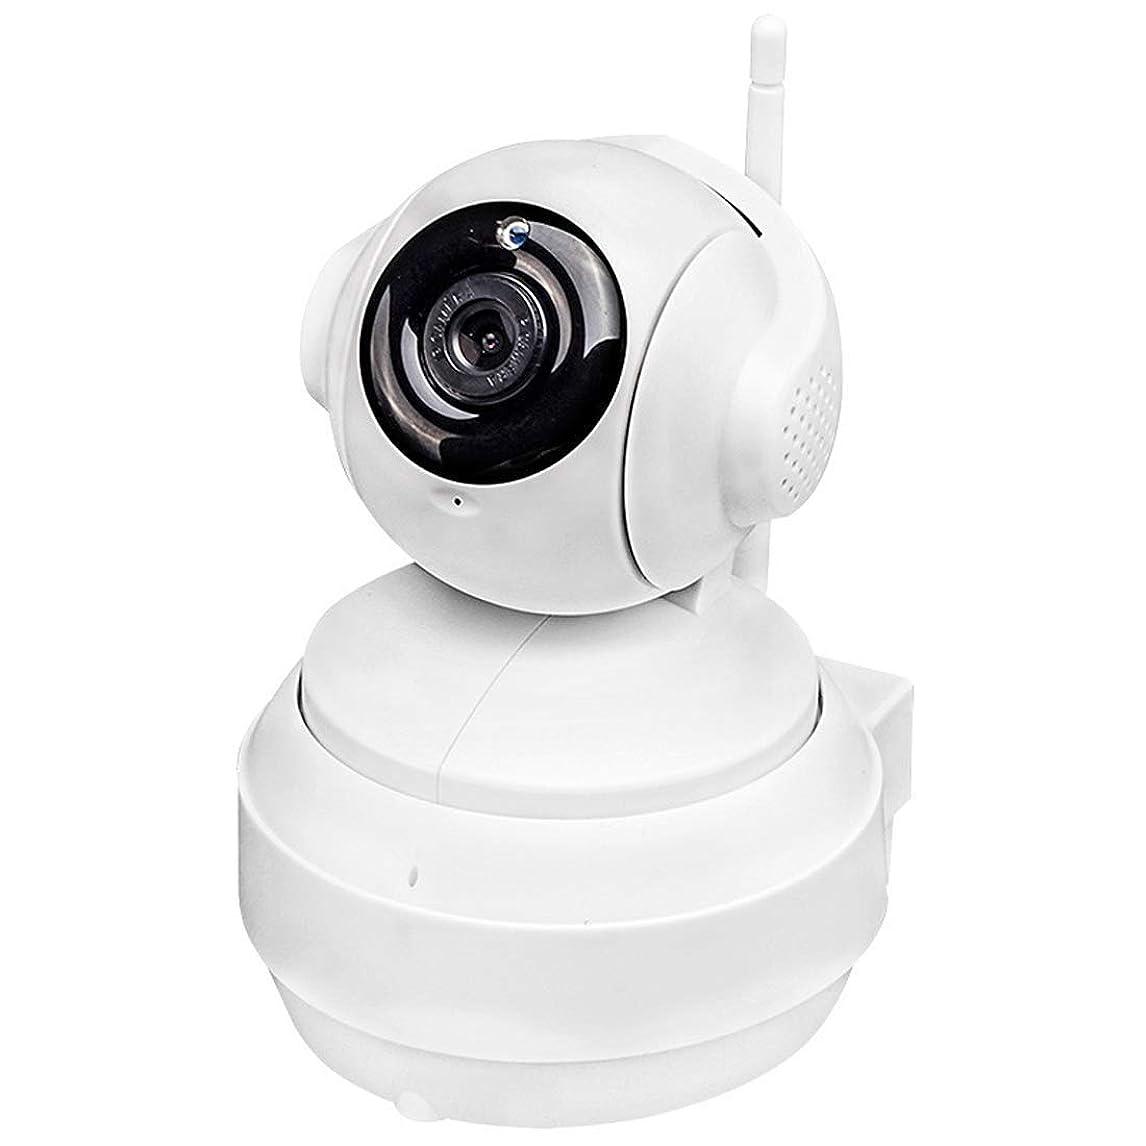 バーベキュー迫害変色する铁锋区志诚机电商店 WiFiカメラP/T IP屋内セキュリティ監視1080p HDナイトビジョン、モーショントラッカー、オートクルーズ、双方向オーディオ